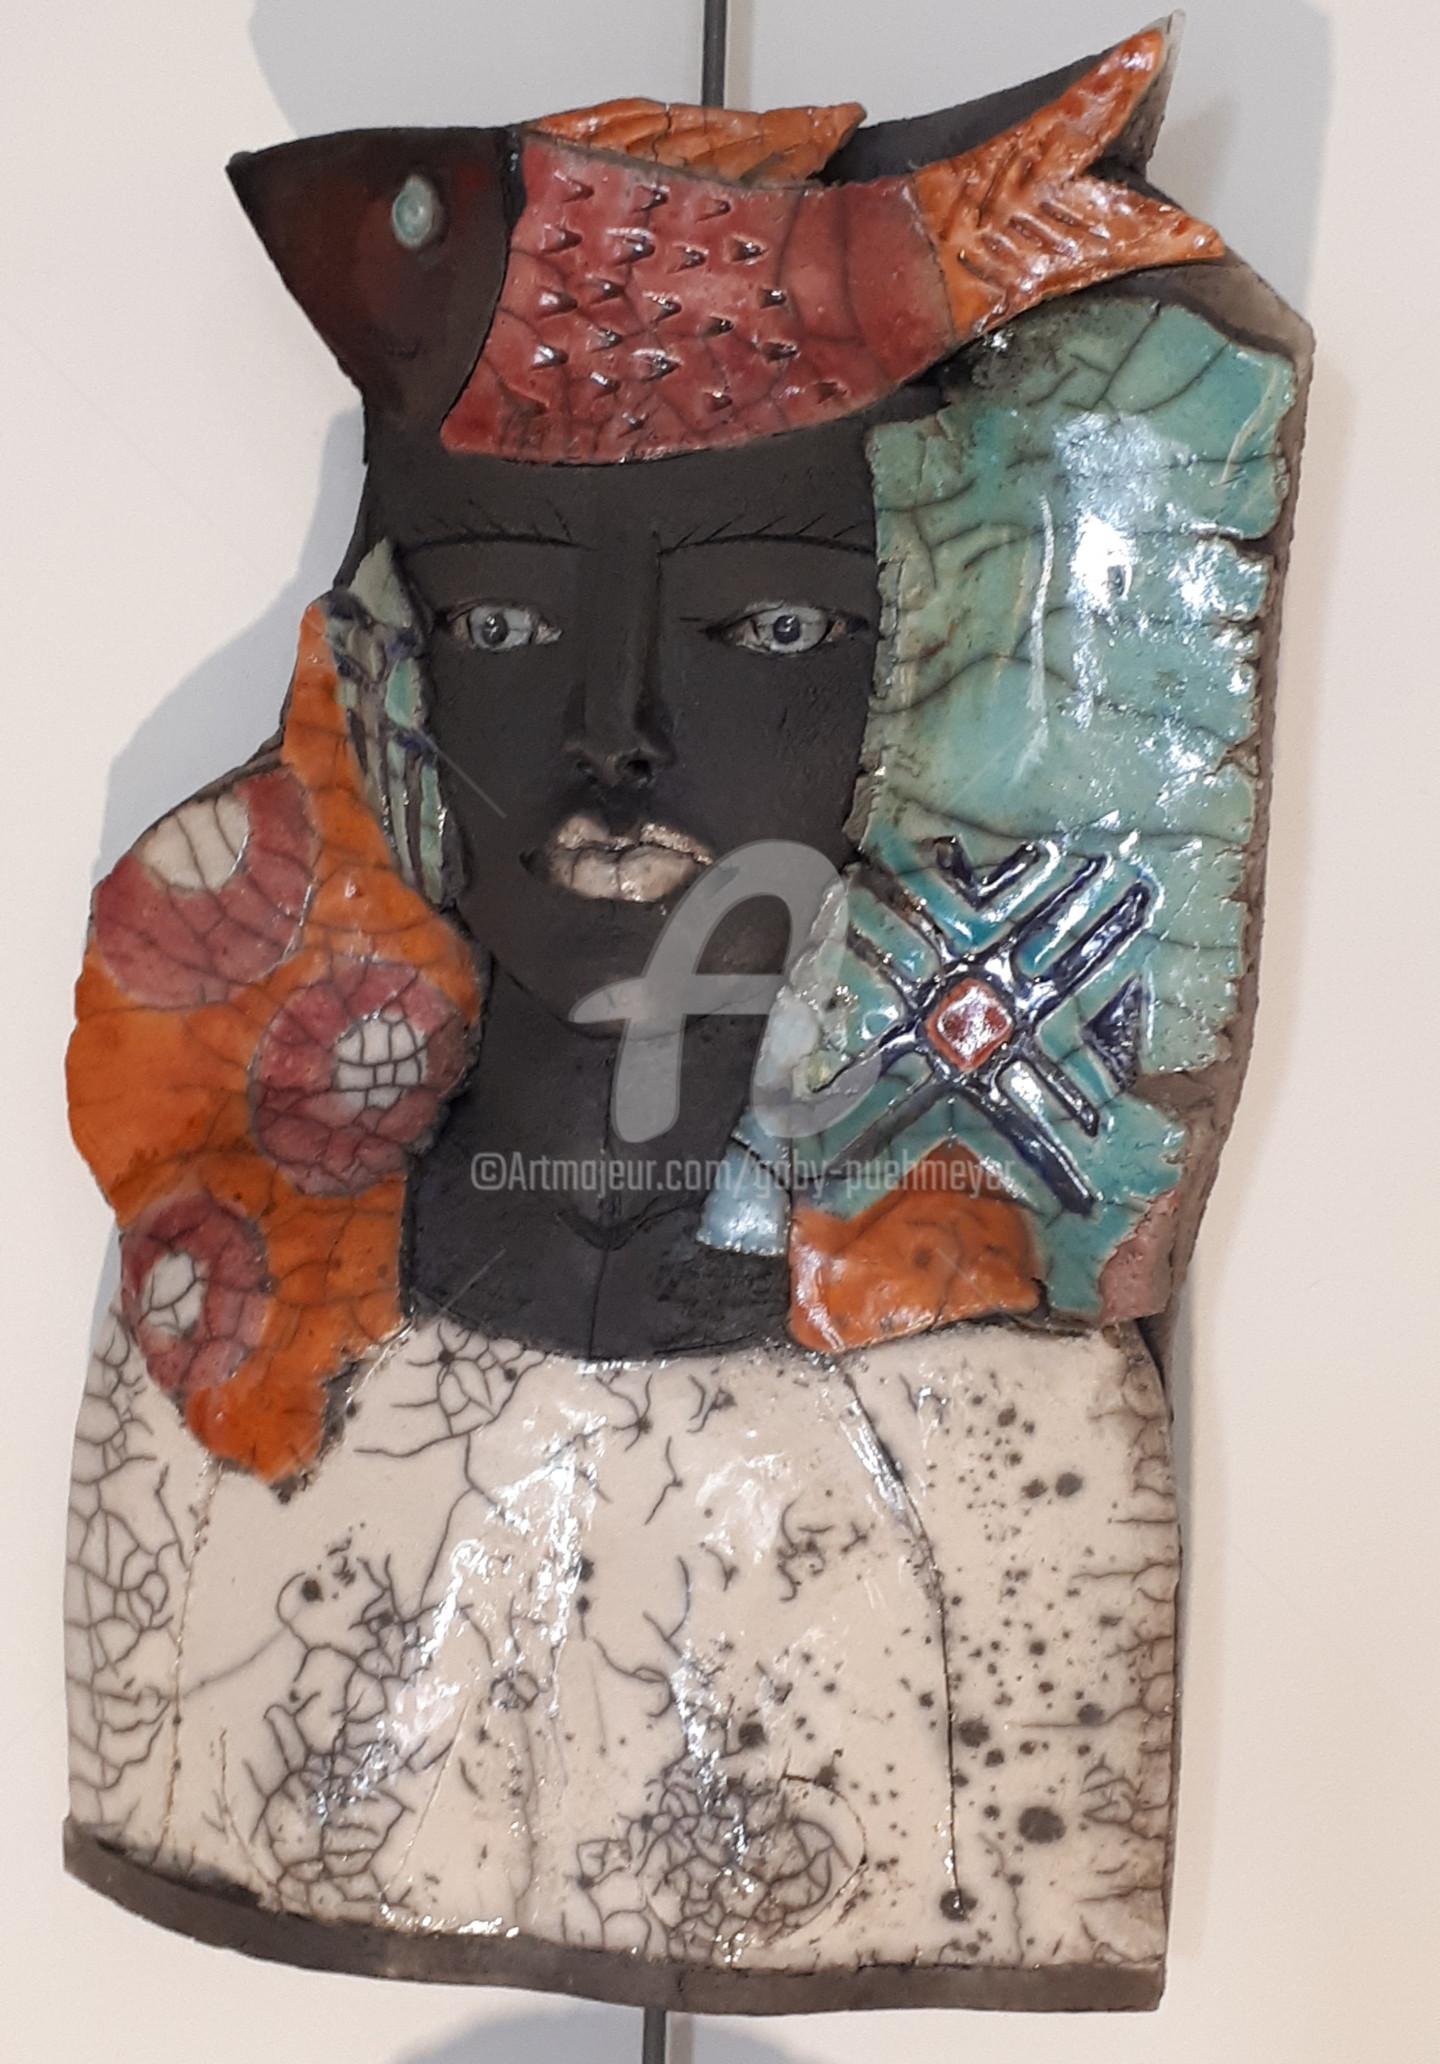 Gaby PÜHMEYER - Travel Companion - Red Fish